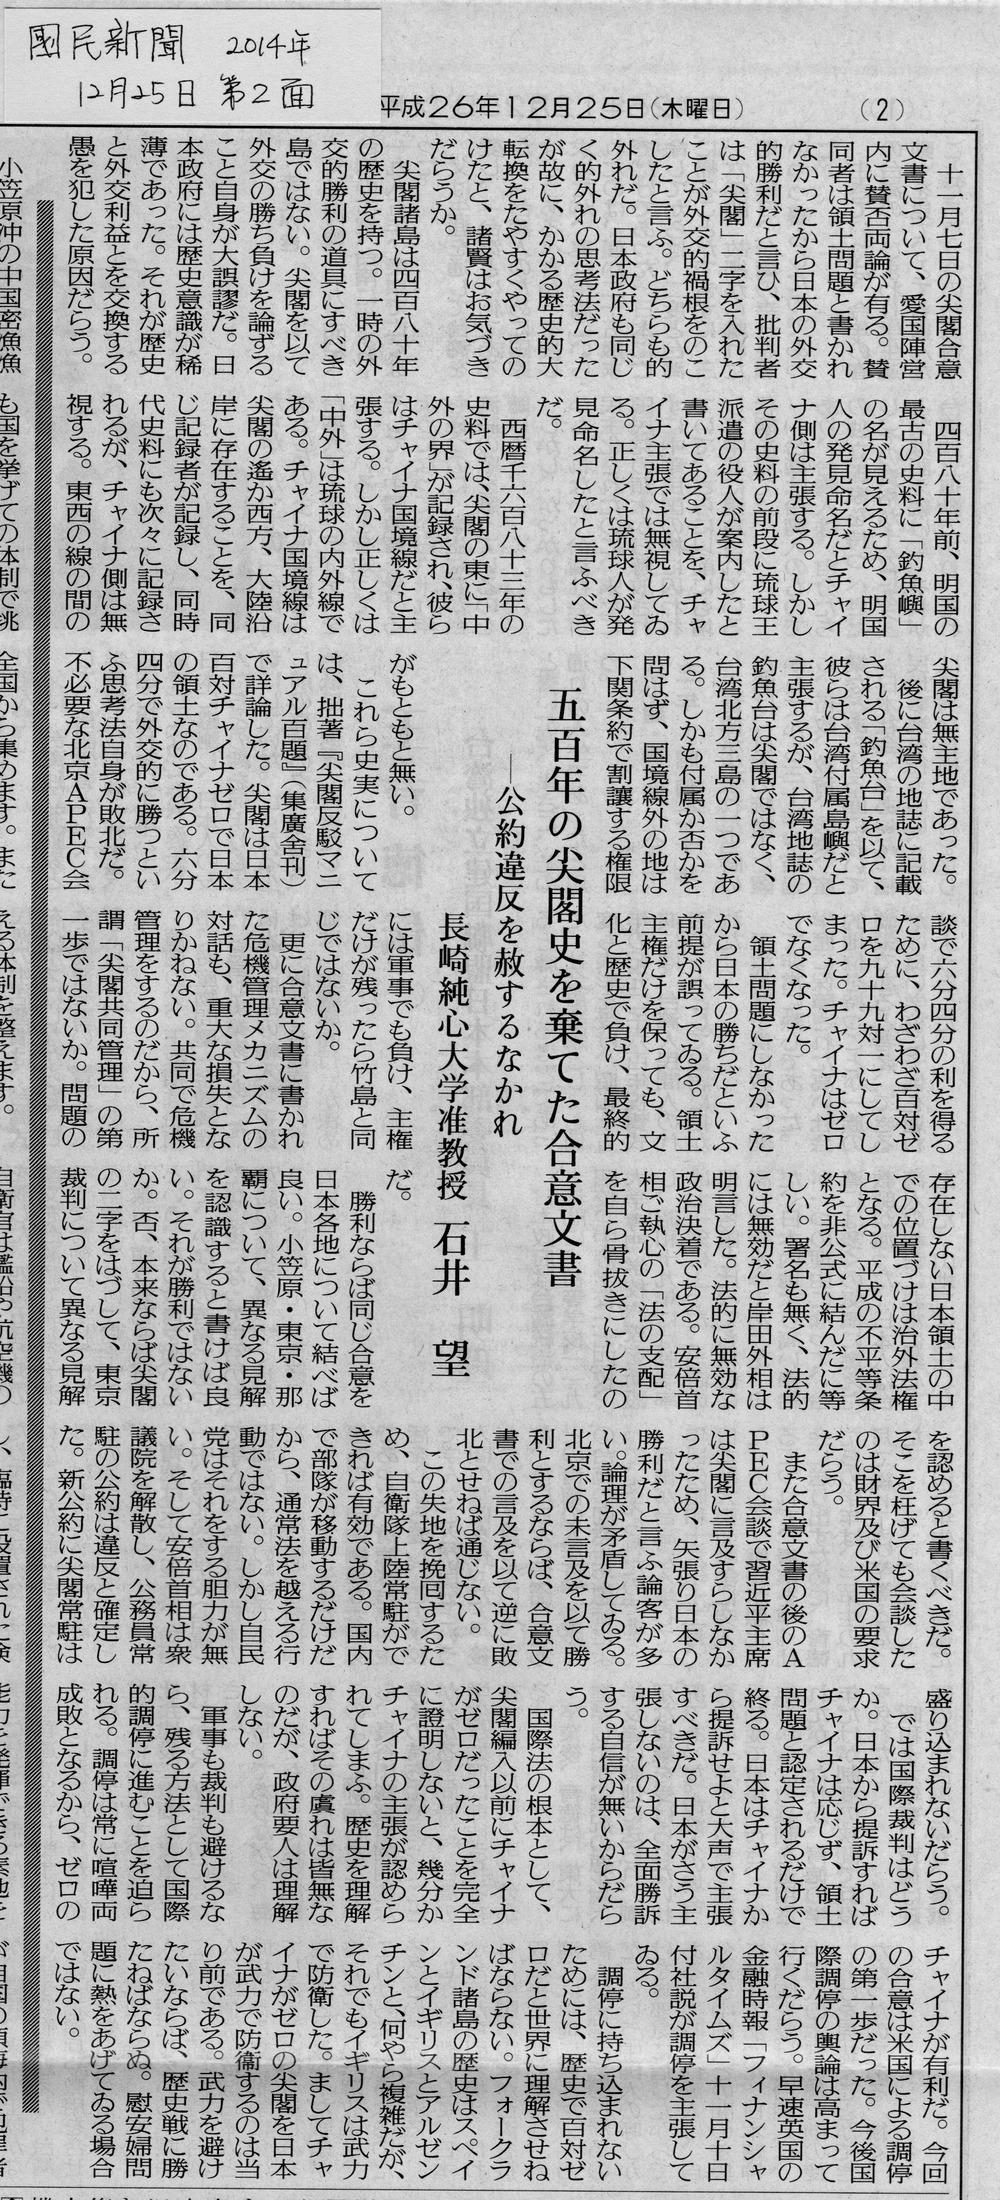 國民新聞261225ss